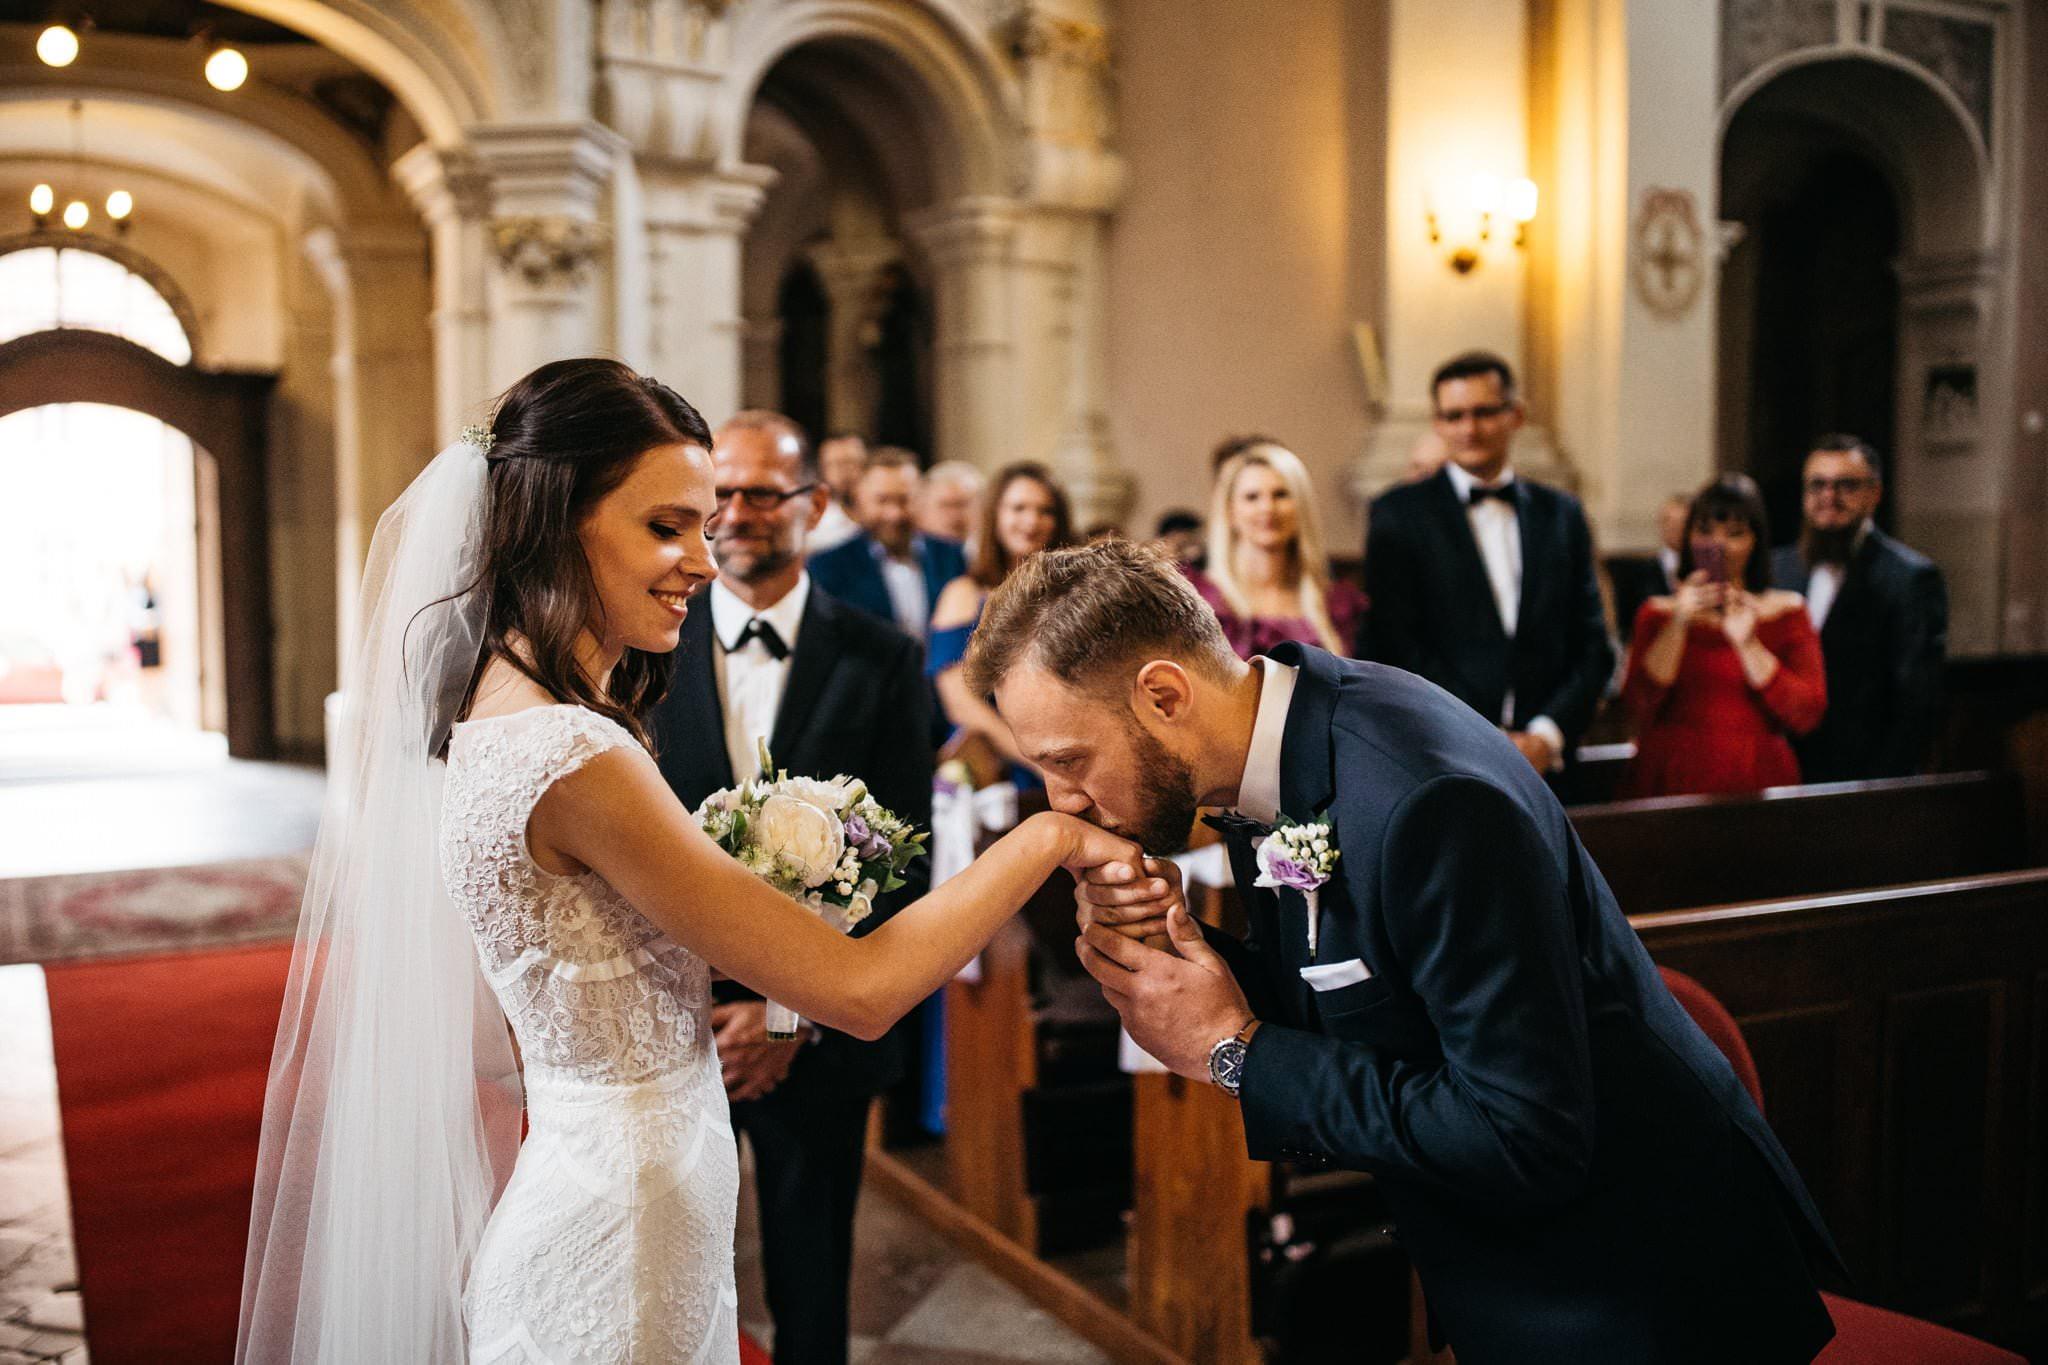 Czy nasi goście mogą fotografować podczas ceremonii i wesela? Love Needs